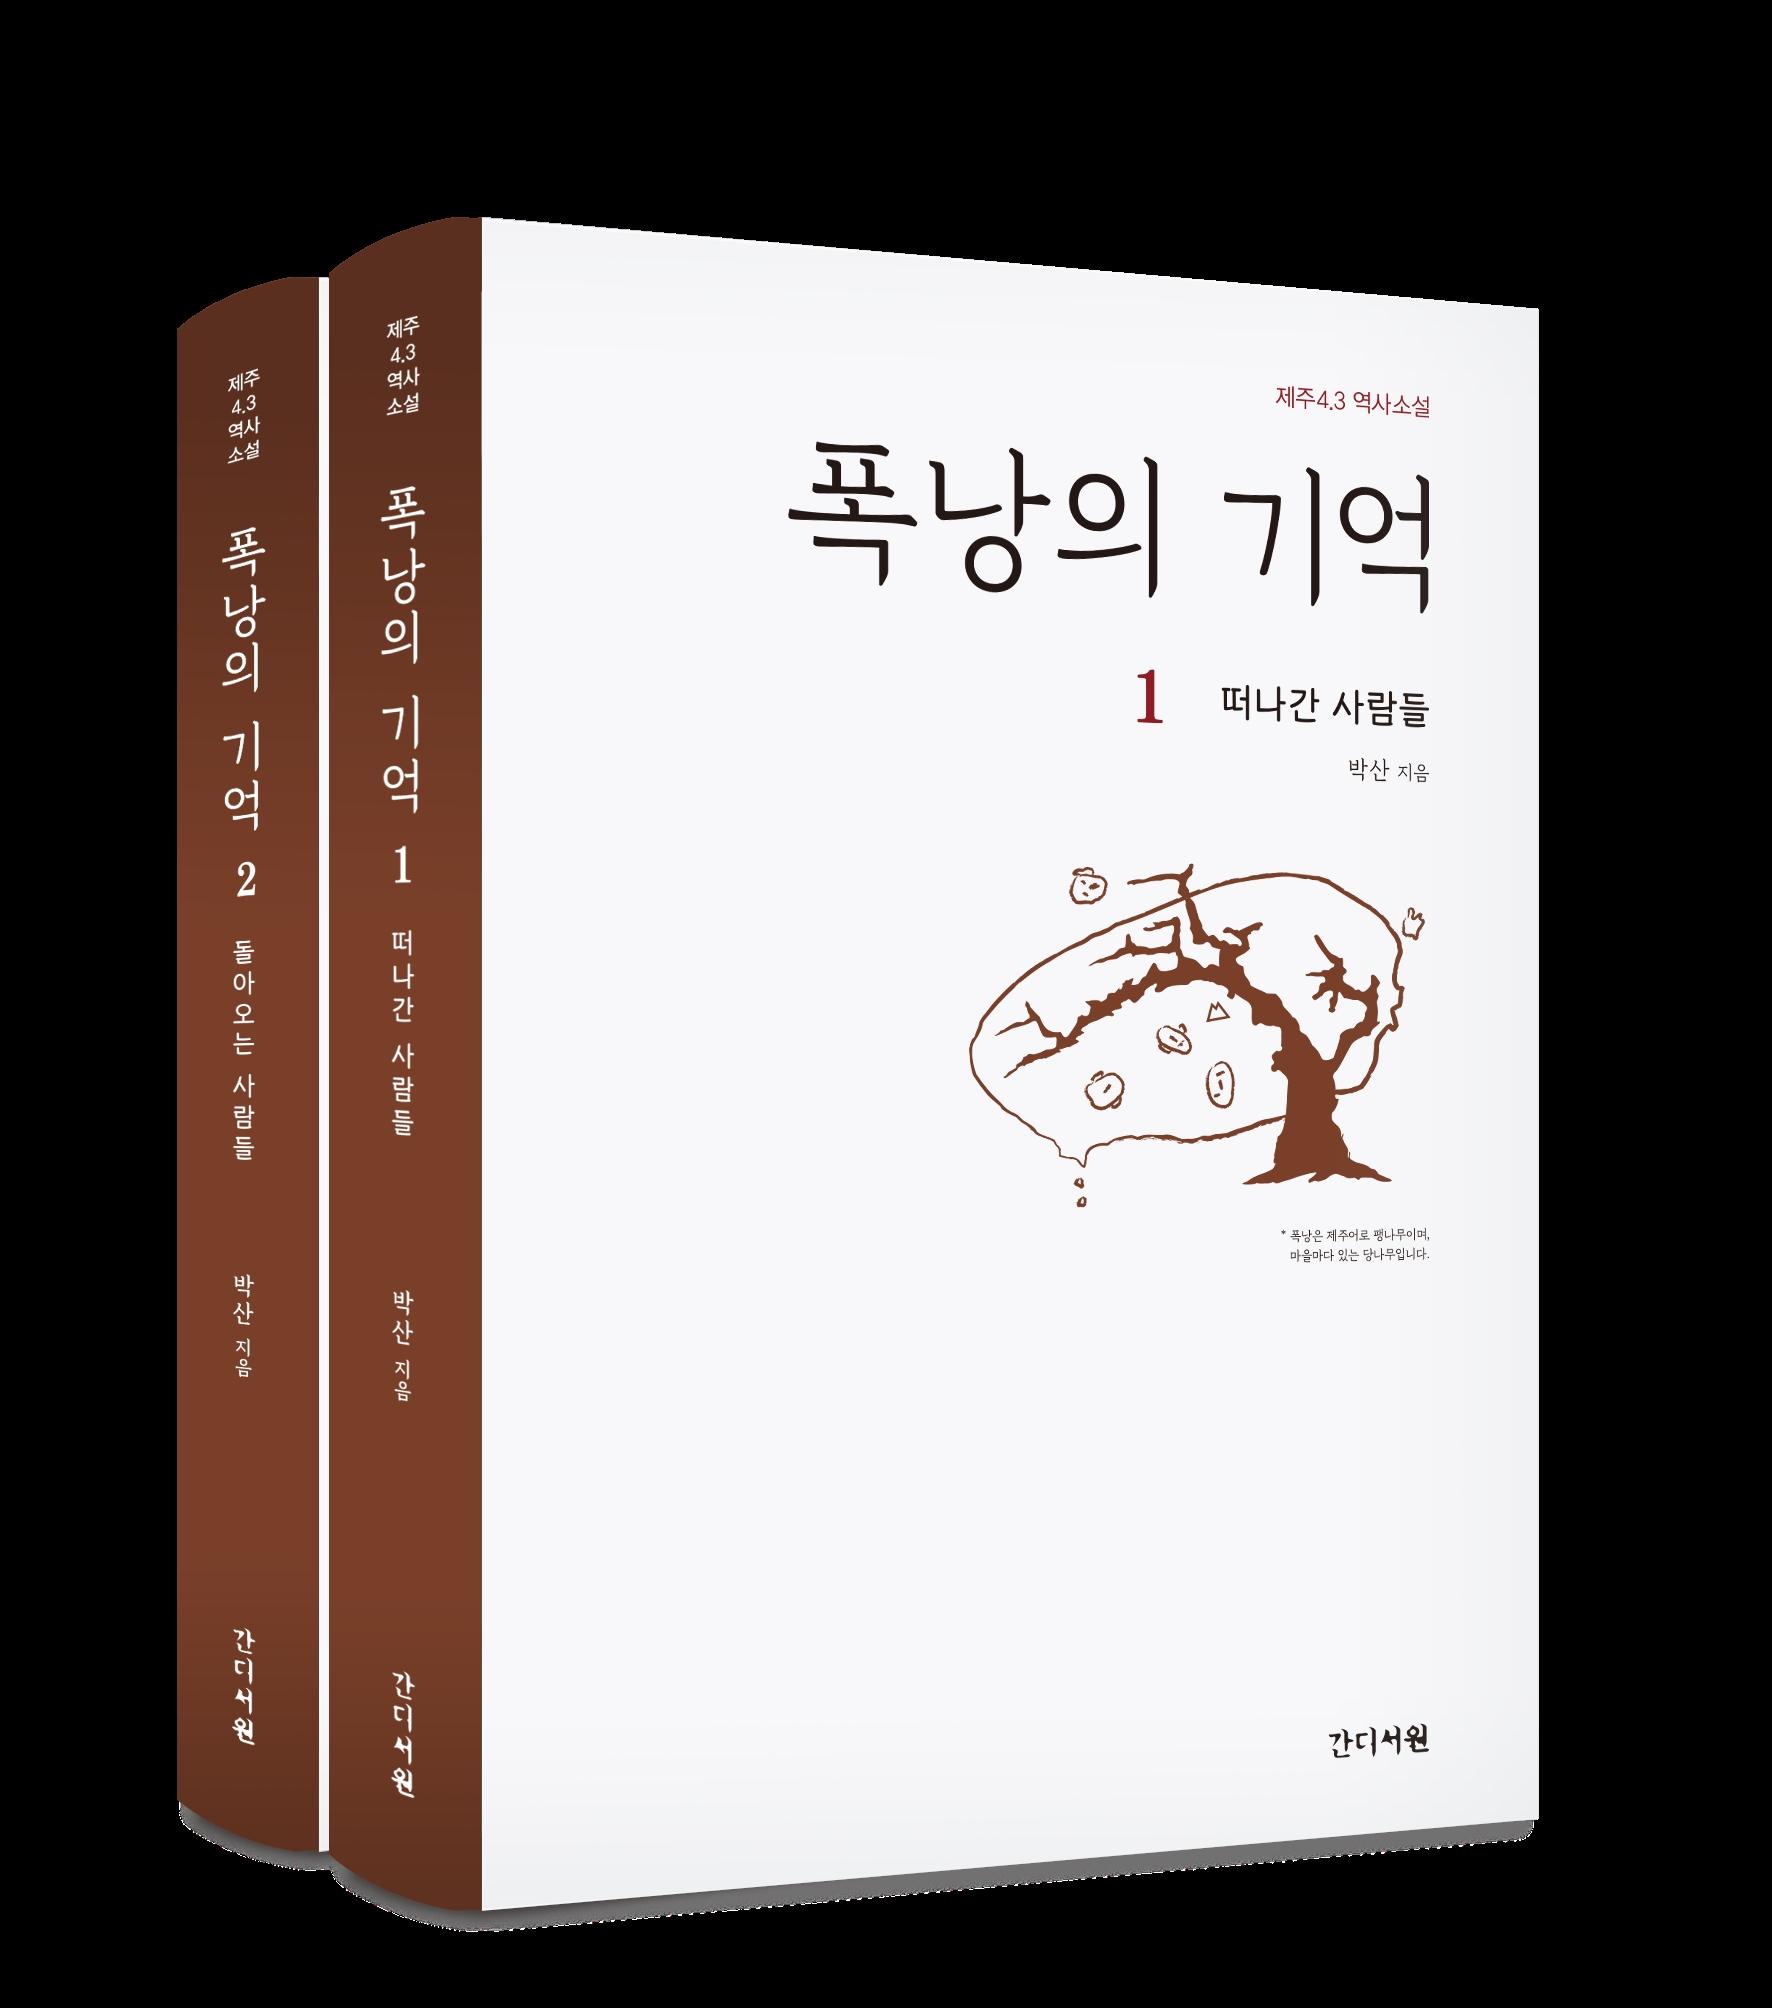 박산의 제주4.3 역사소설 <폭낭의 기억> 1.2권(총 5권 발간 예정)